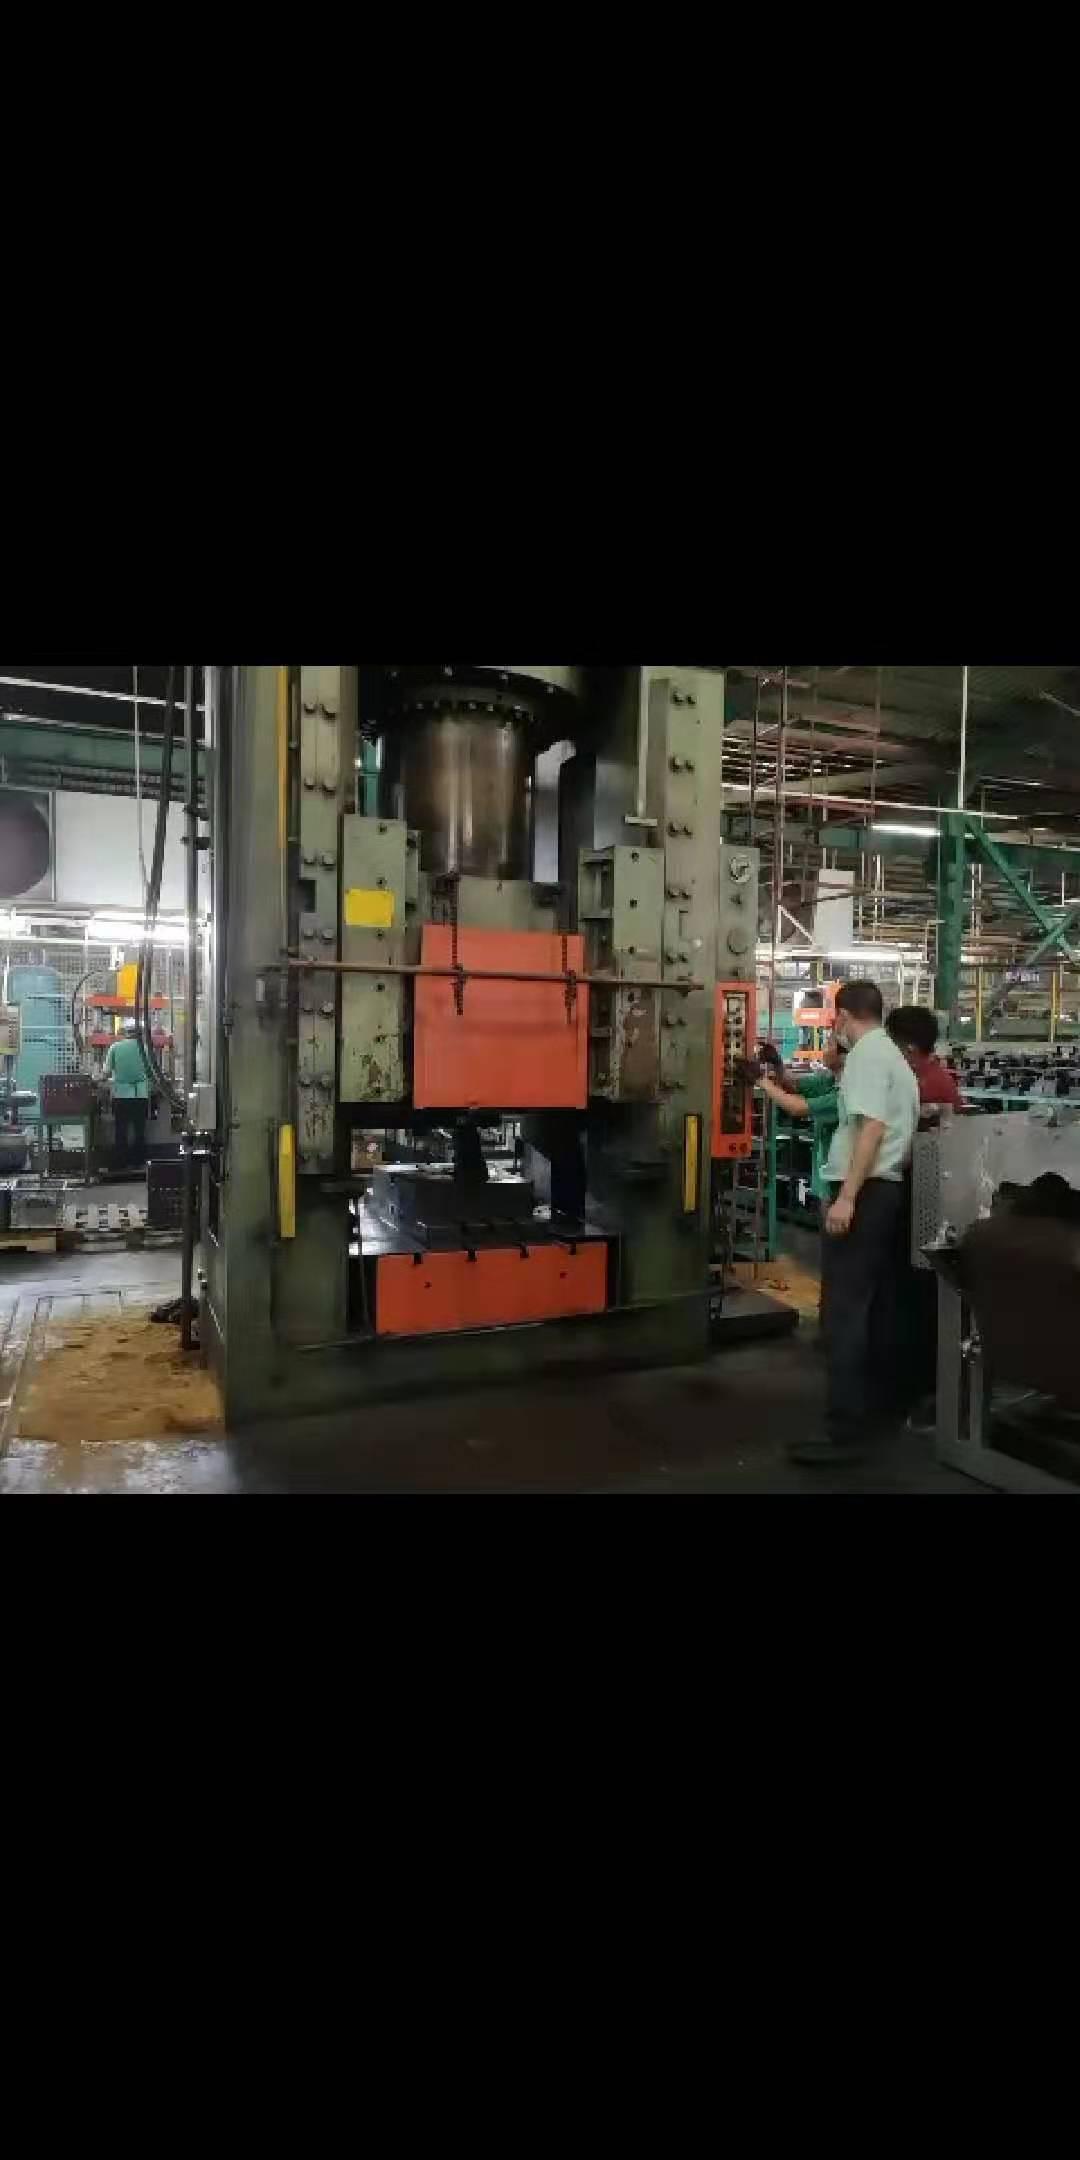 内销油压锻造机-瑞鑫机械二手油压锻造机变卖推荐